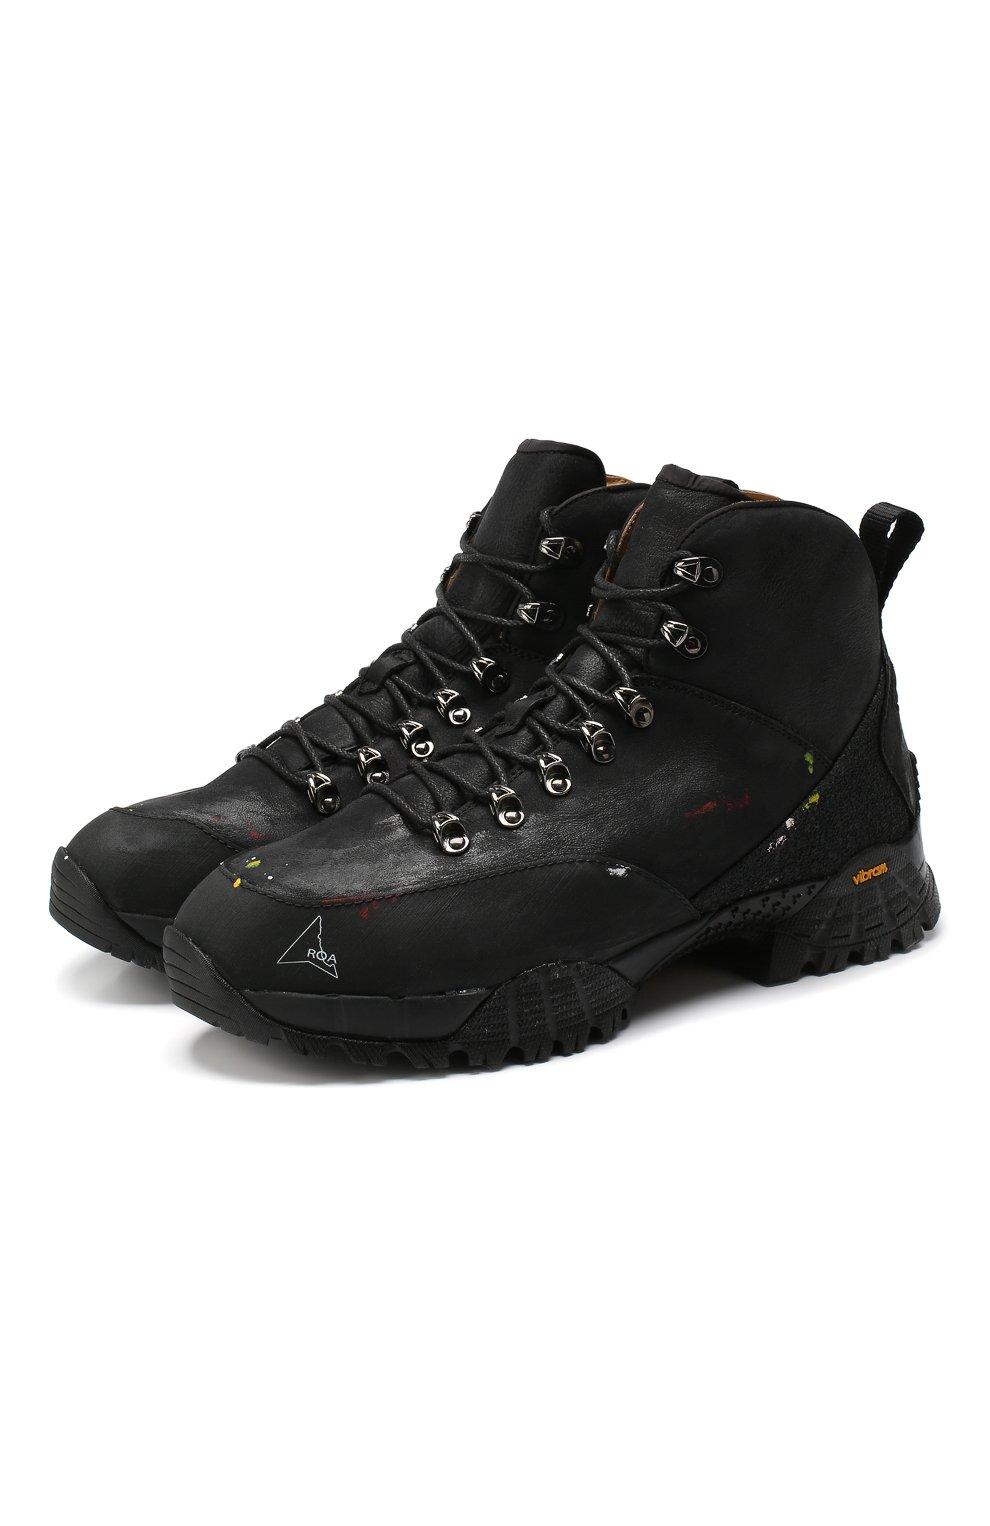 Мужские комбинированные ботинки ROA черного цвета, арт. VAR092   Фото 1 (Материал внешний: Текстиль; Мужское Кросс-КТ: Хайкеры-обувь, Ботинки-обувь; Материал внутренний: Натуральная кожа, Текстиль; Статус проверки: Проверено, Проверена категория; Подошва: Плоская)